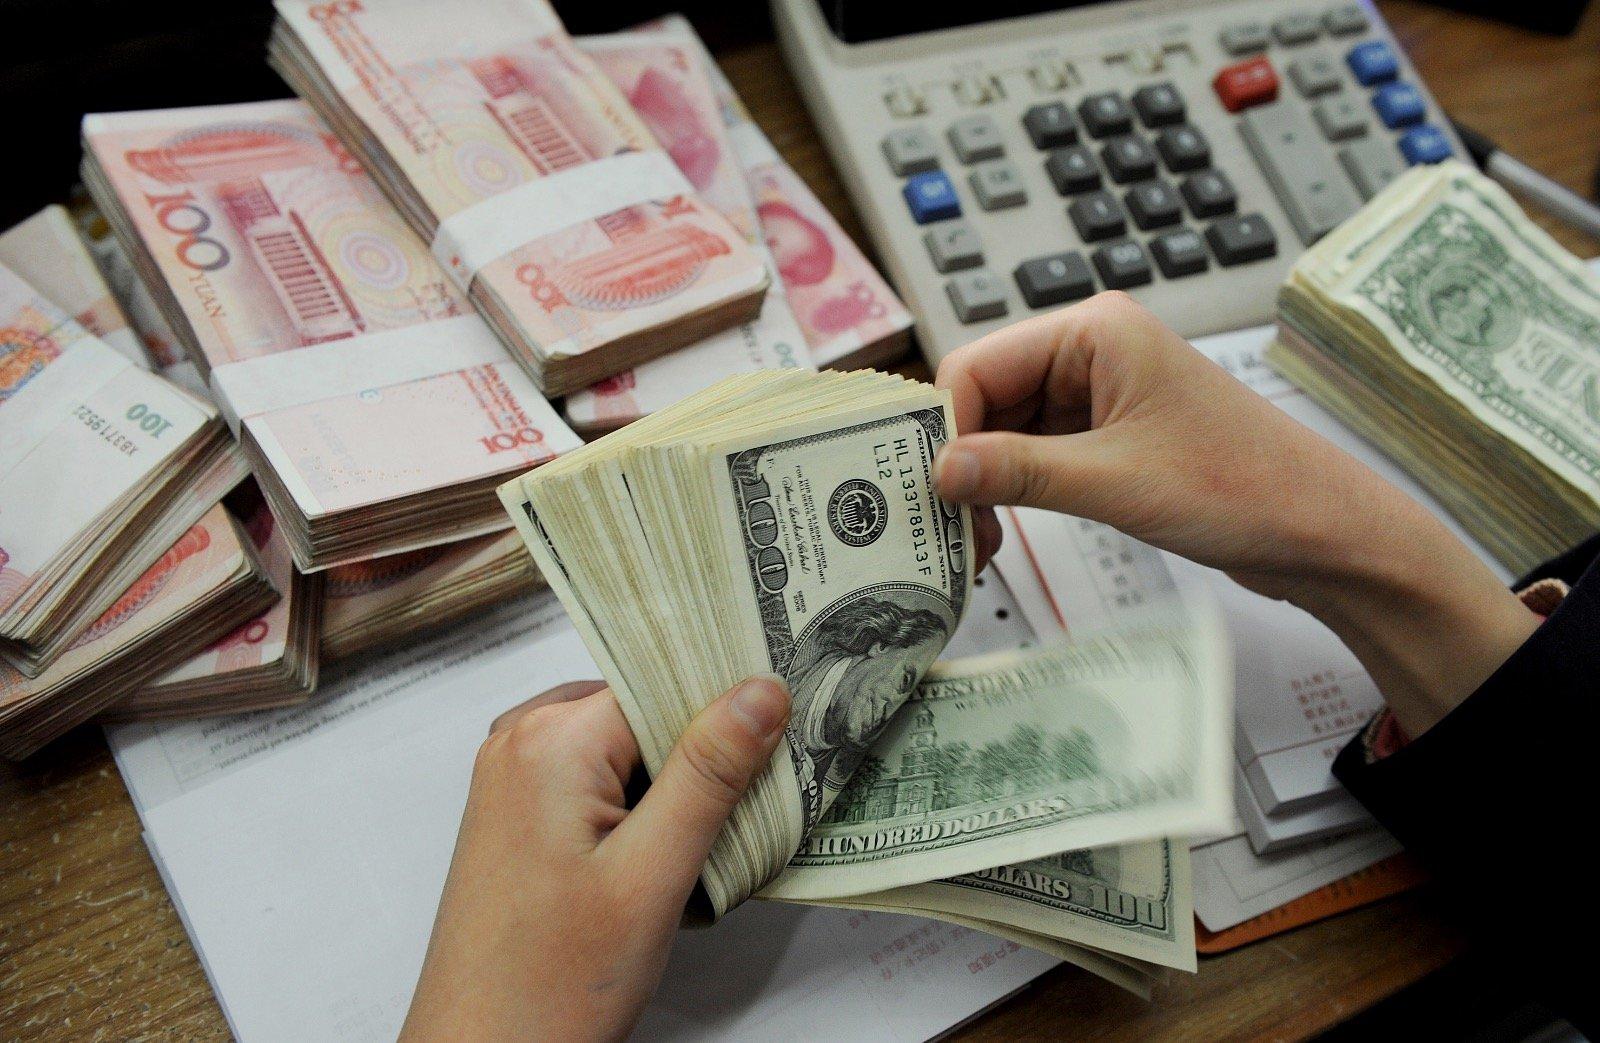 北京擔憂被禁用美元體系,加速推進人民幣國際化。(Getty Images)